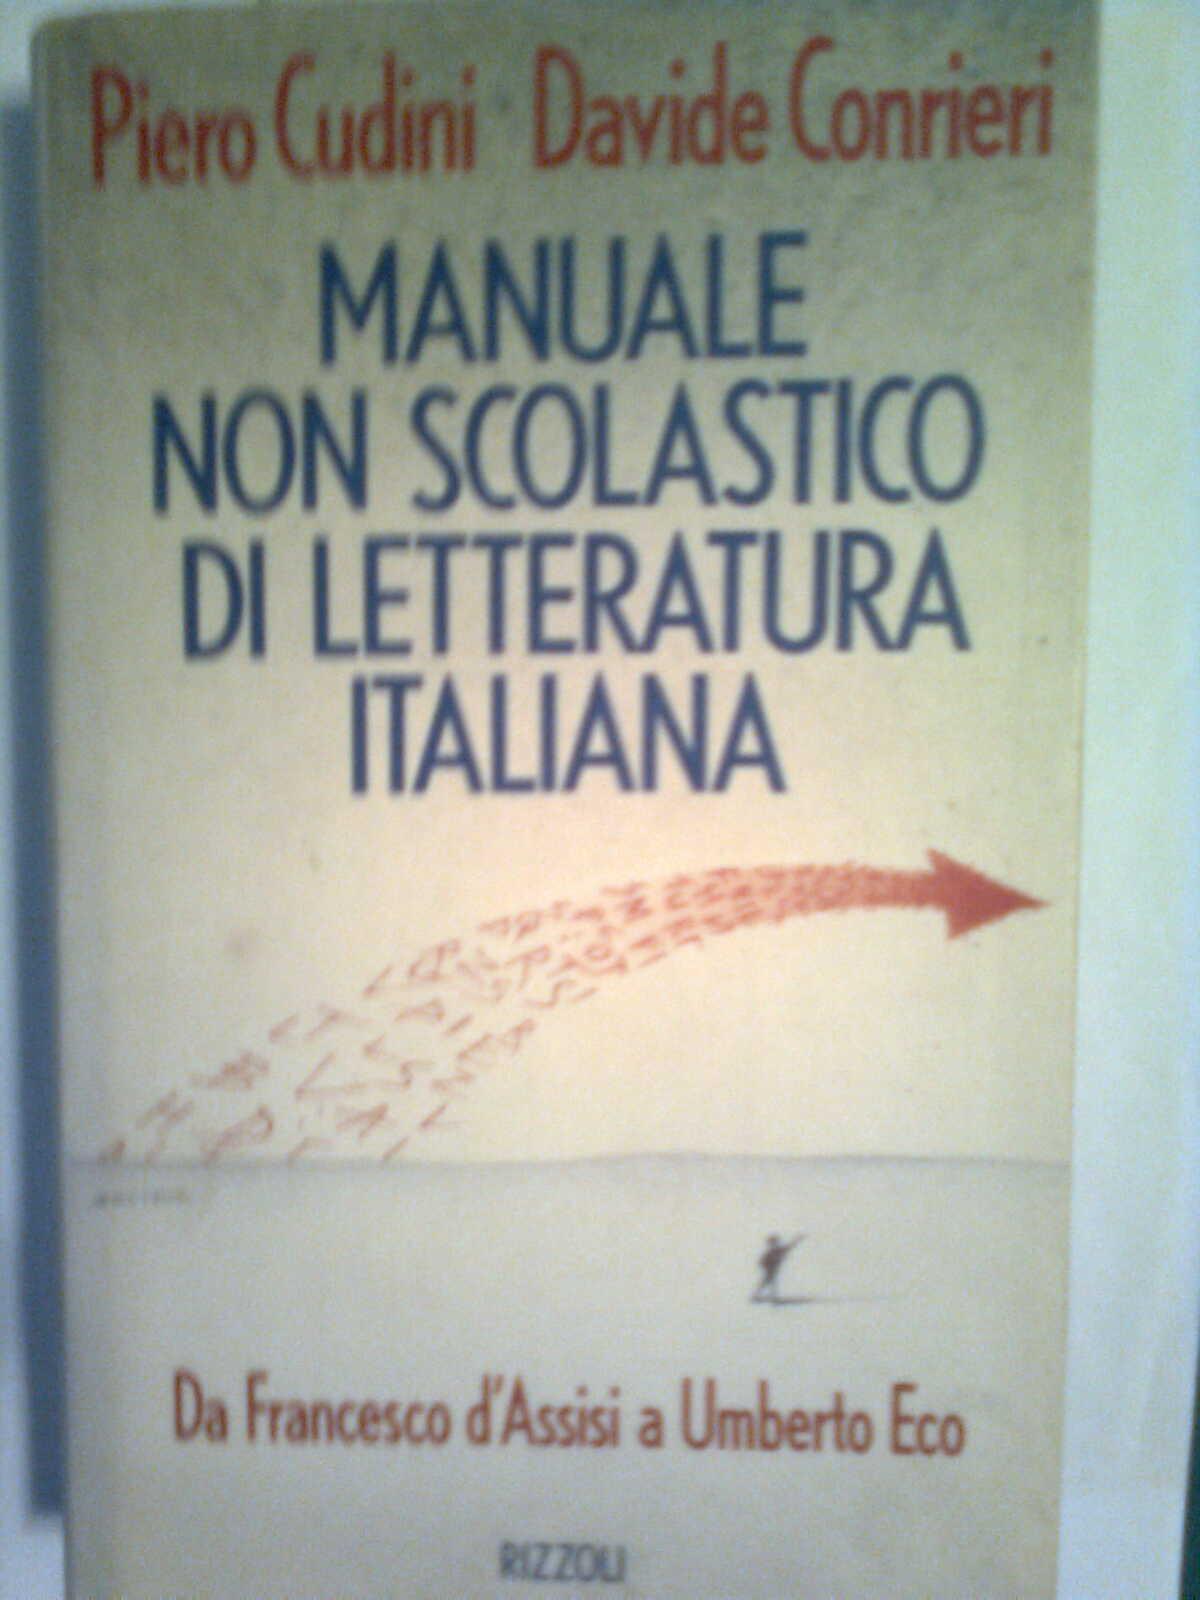 Manuale non scolastico di letteratura italiana